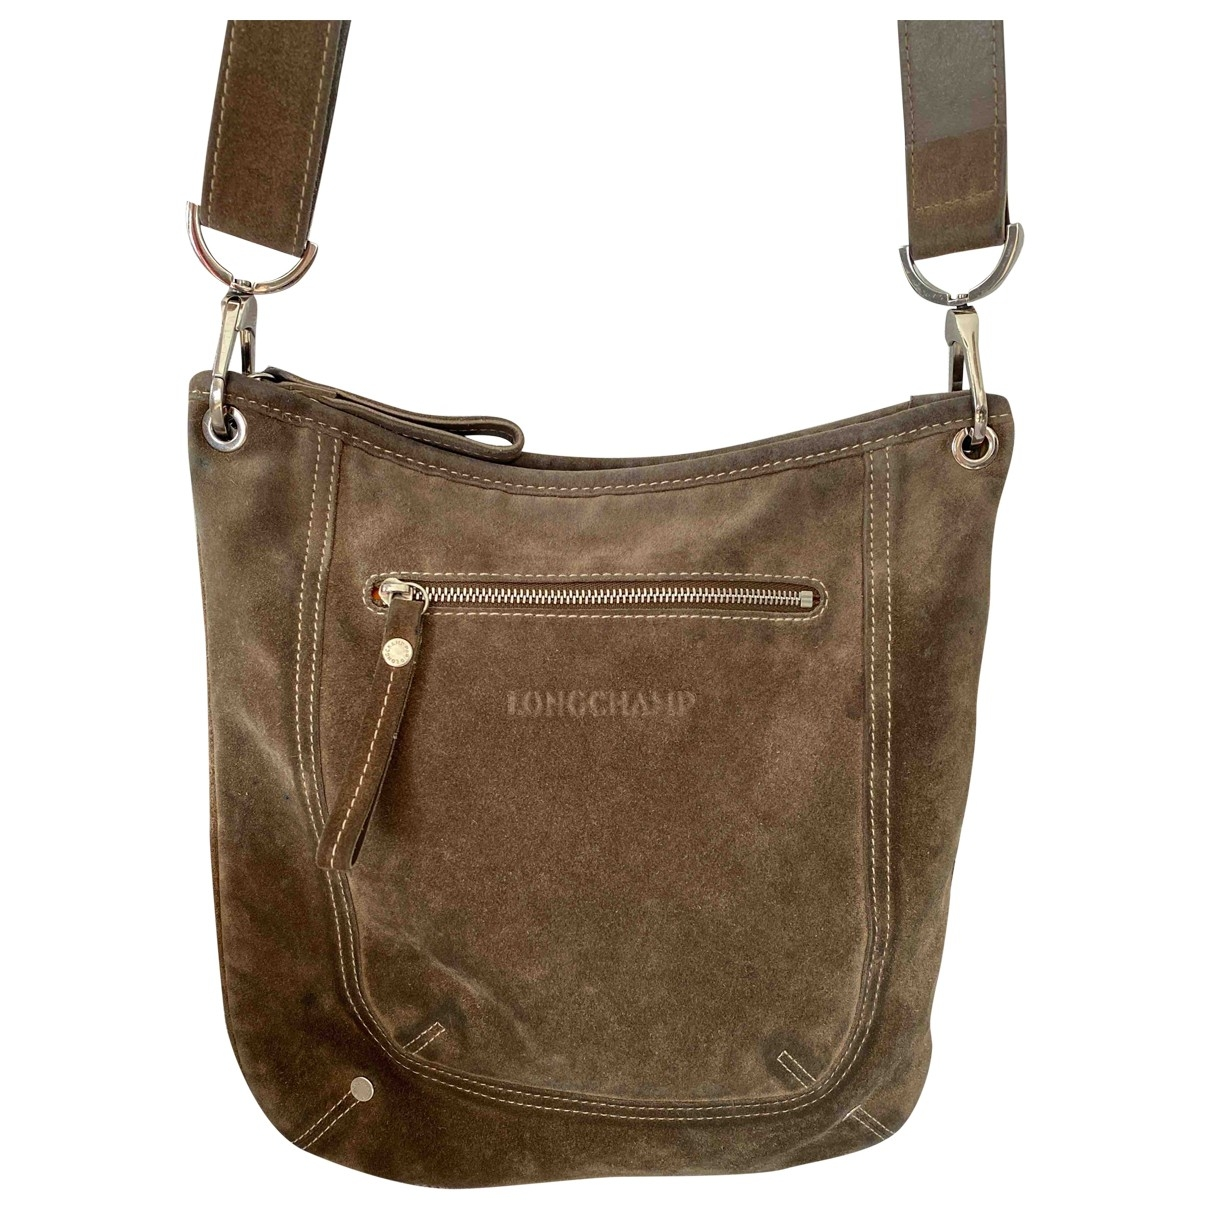 Longchamp \N Khaki Leather handbag for Women \N